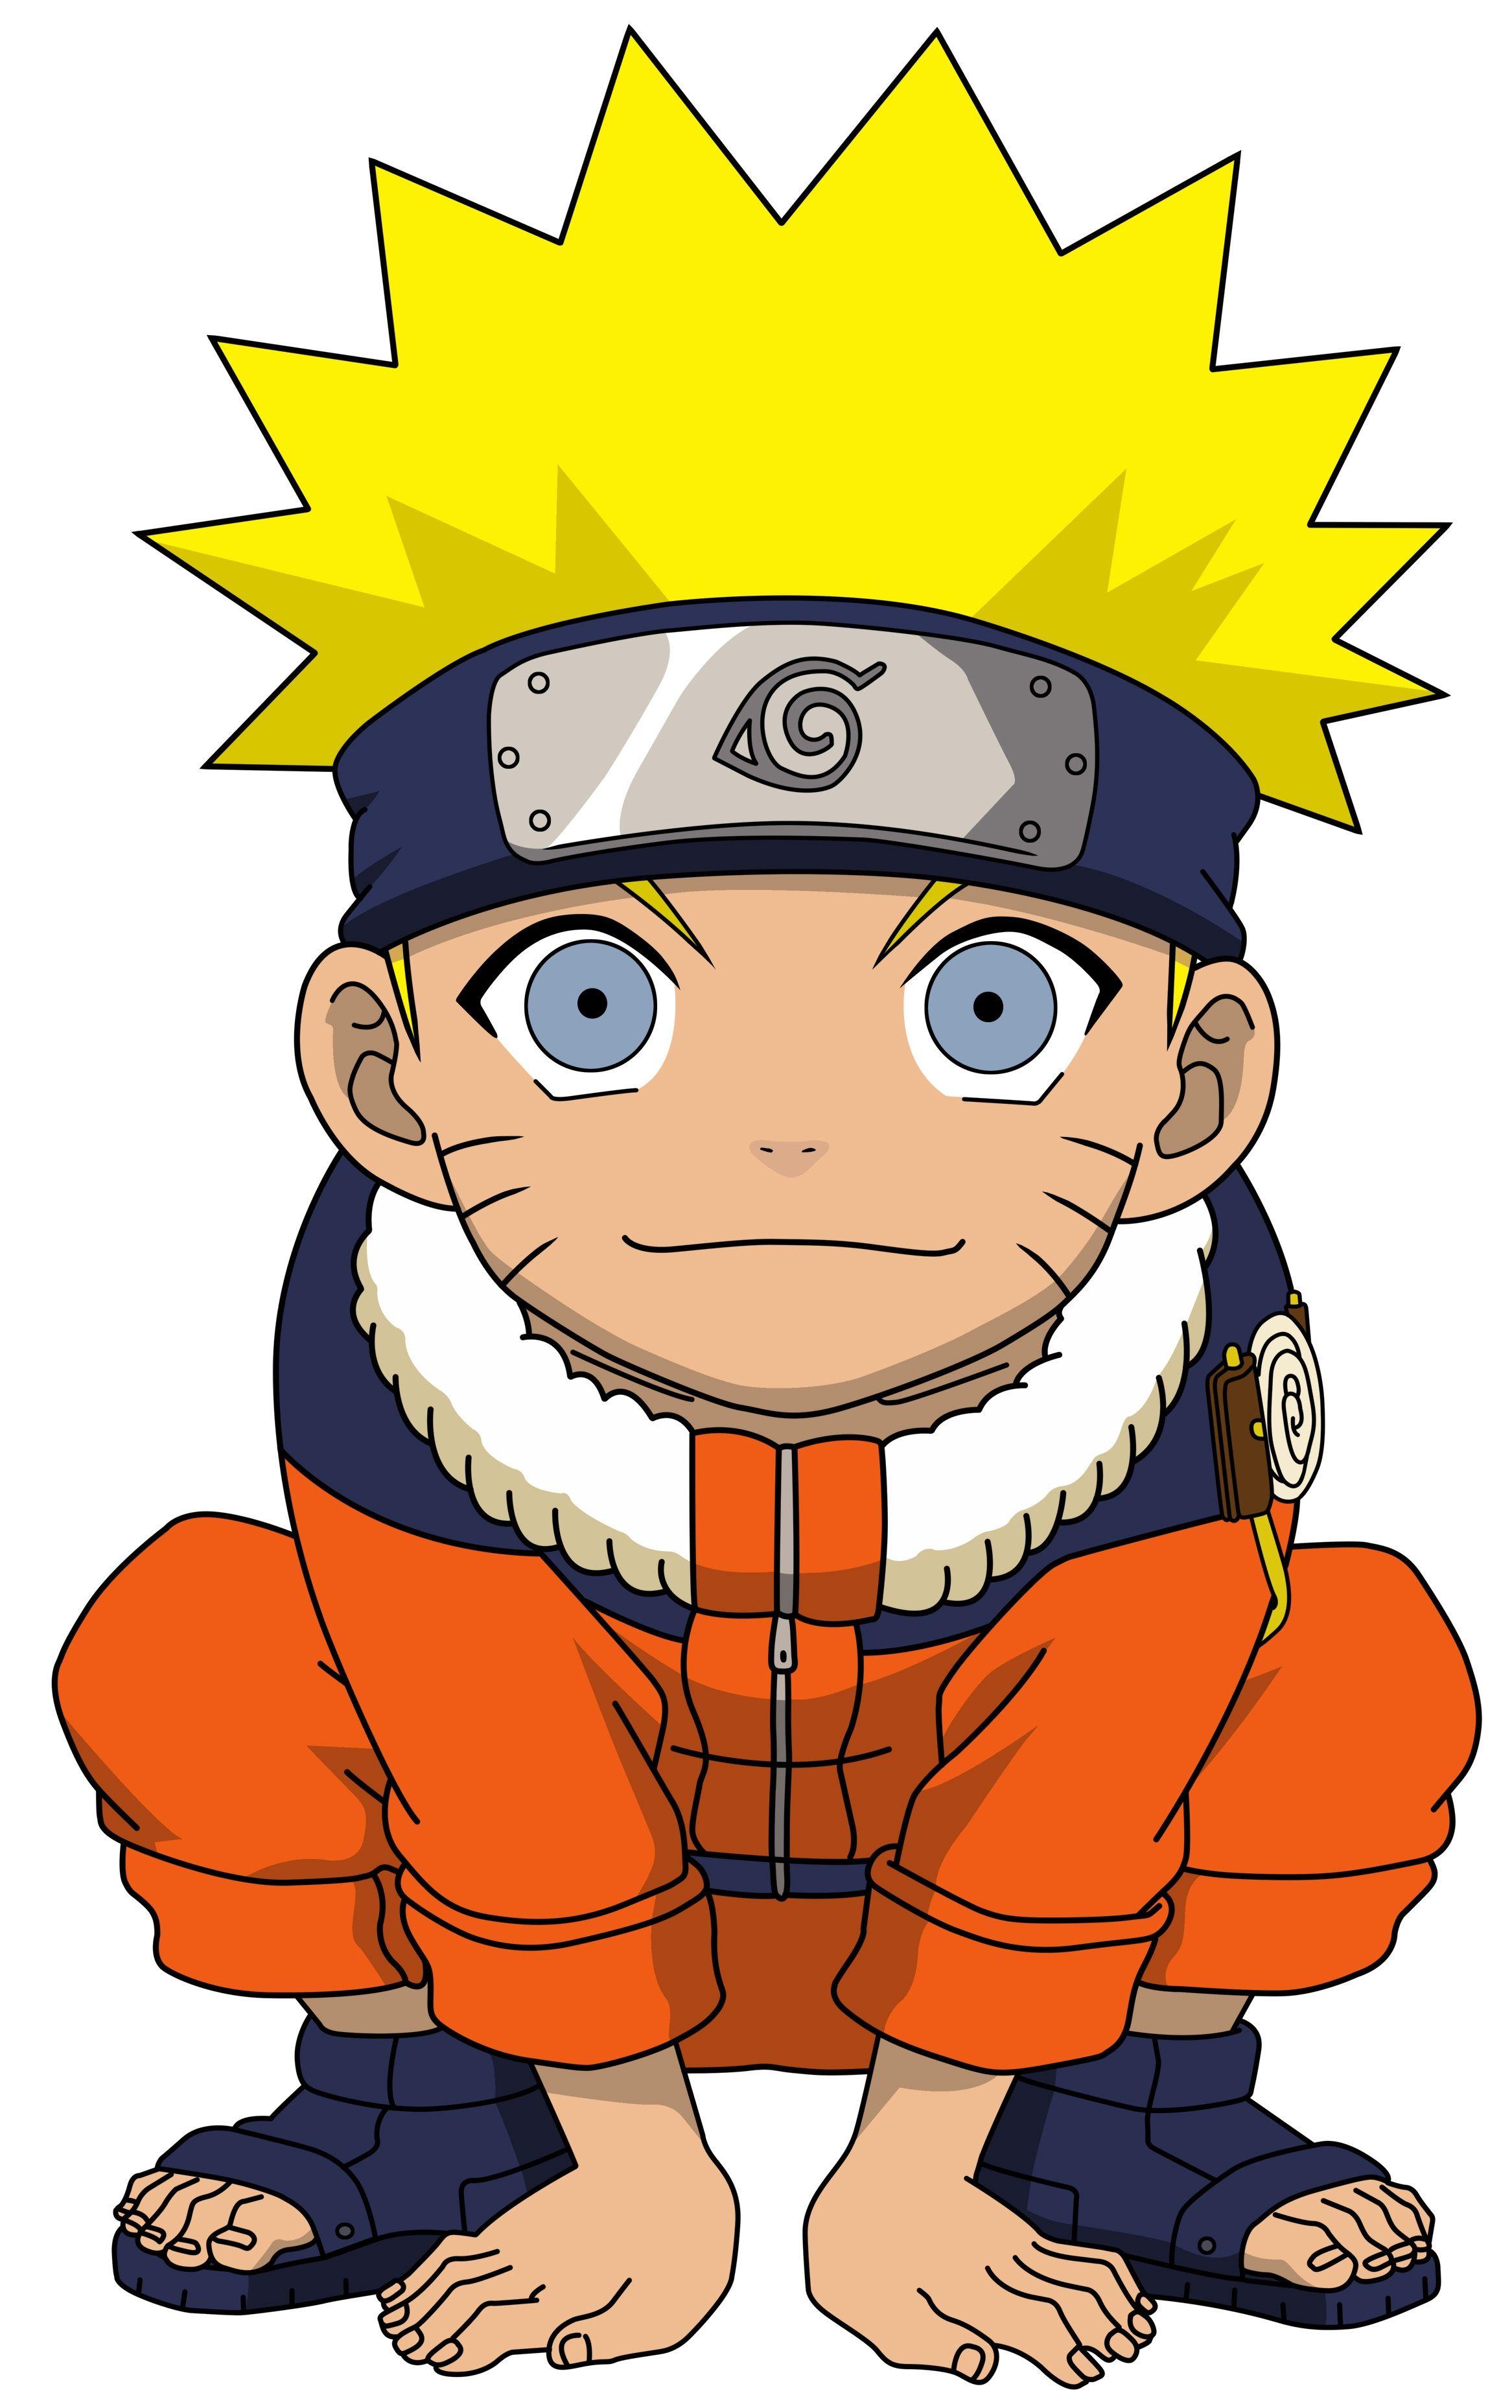 Chibi Naruto by mint9 | Chibi | Pinterest | Naruto, Chibi ...